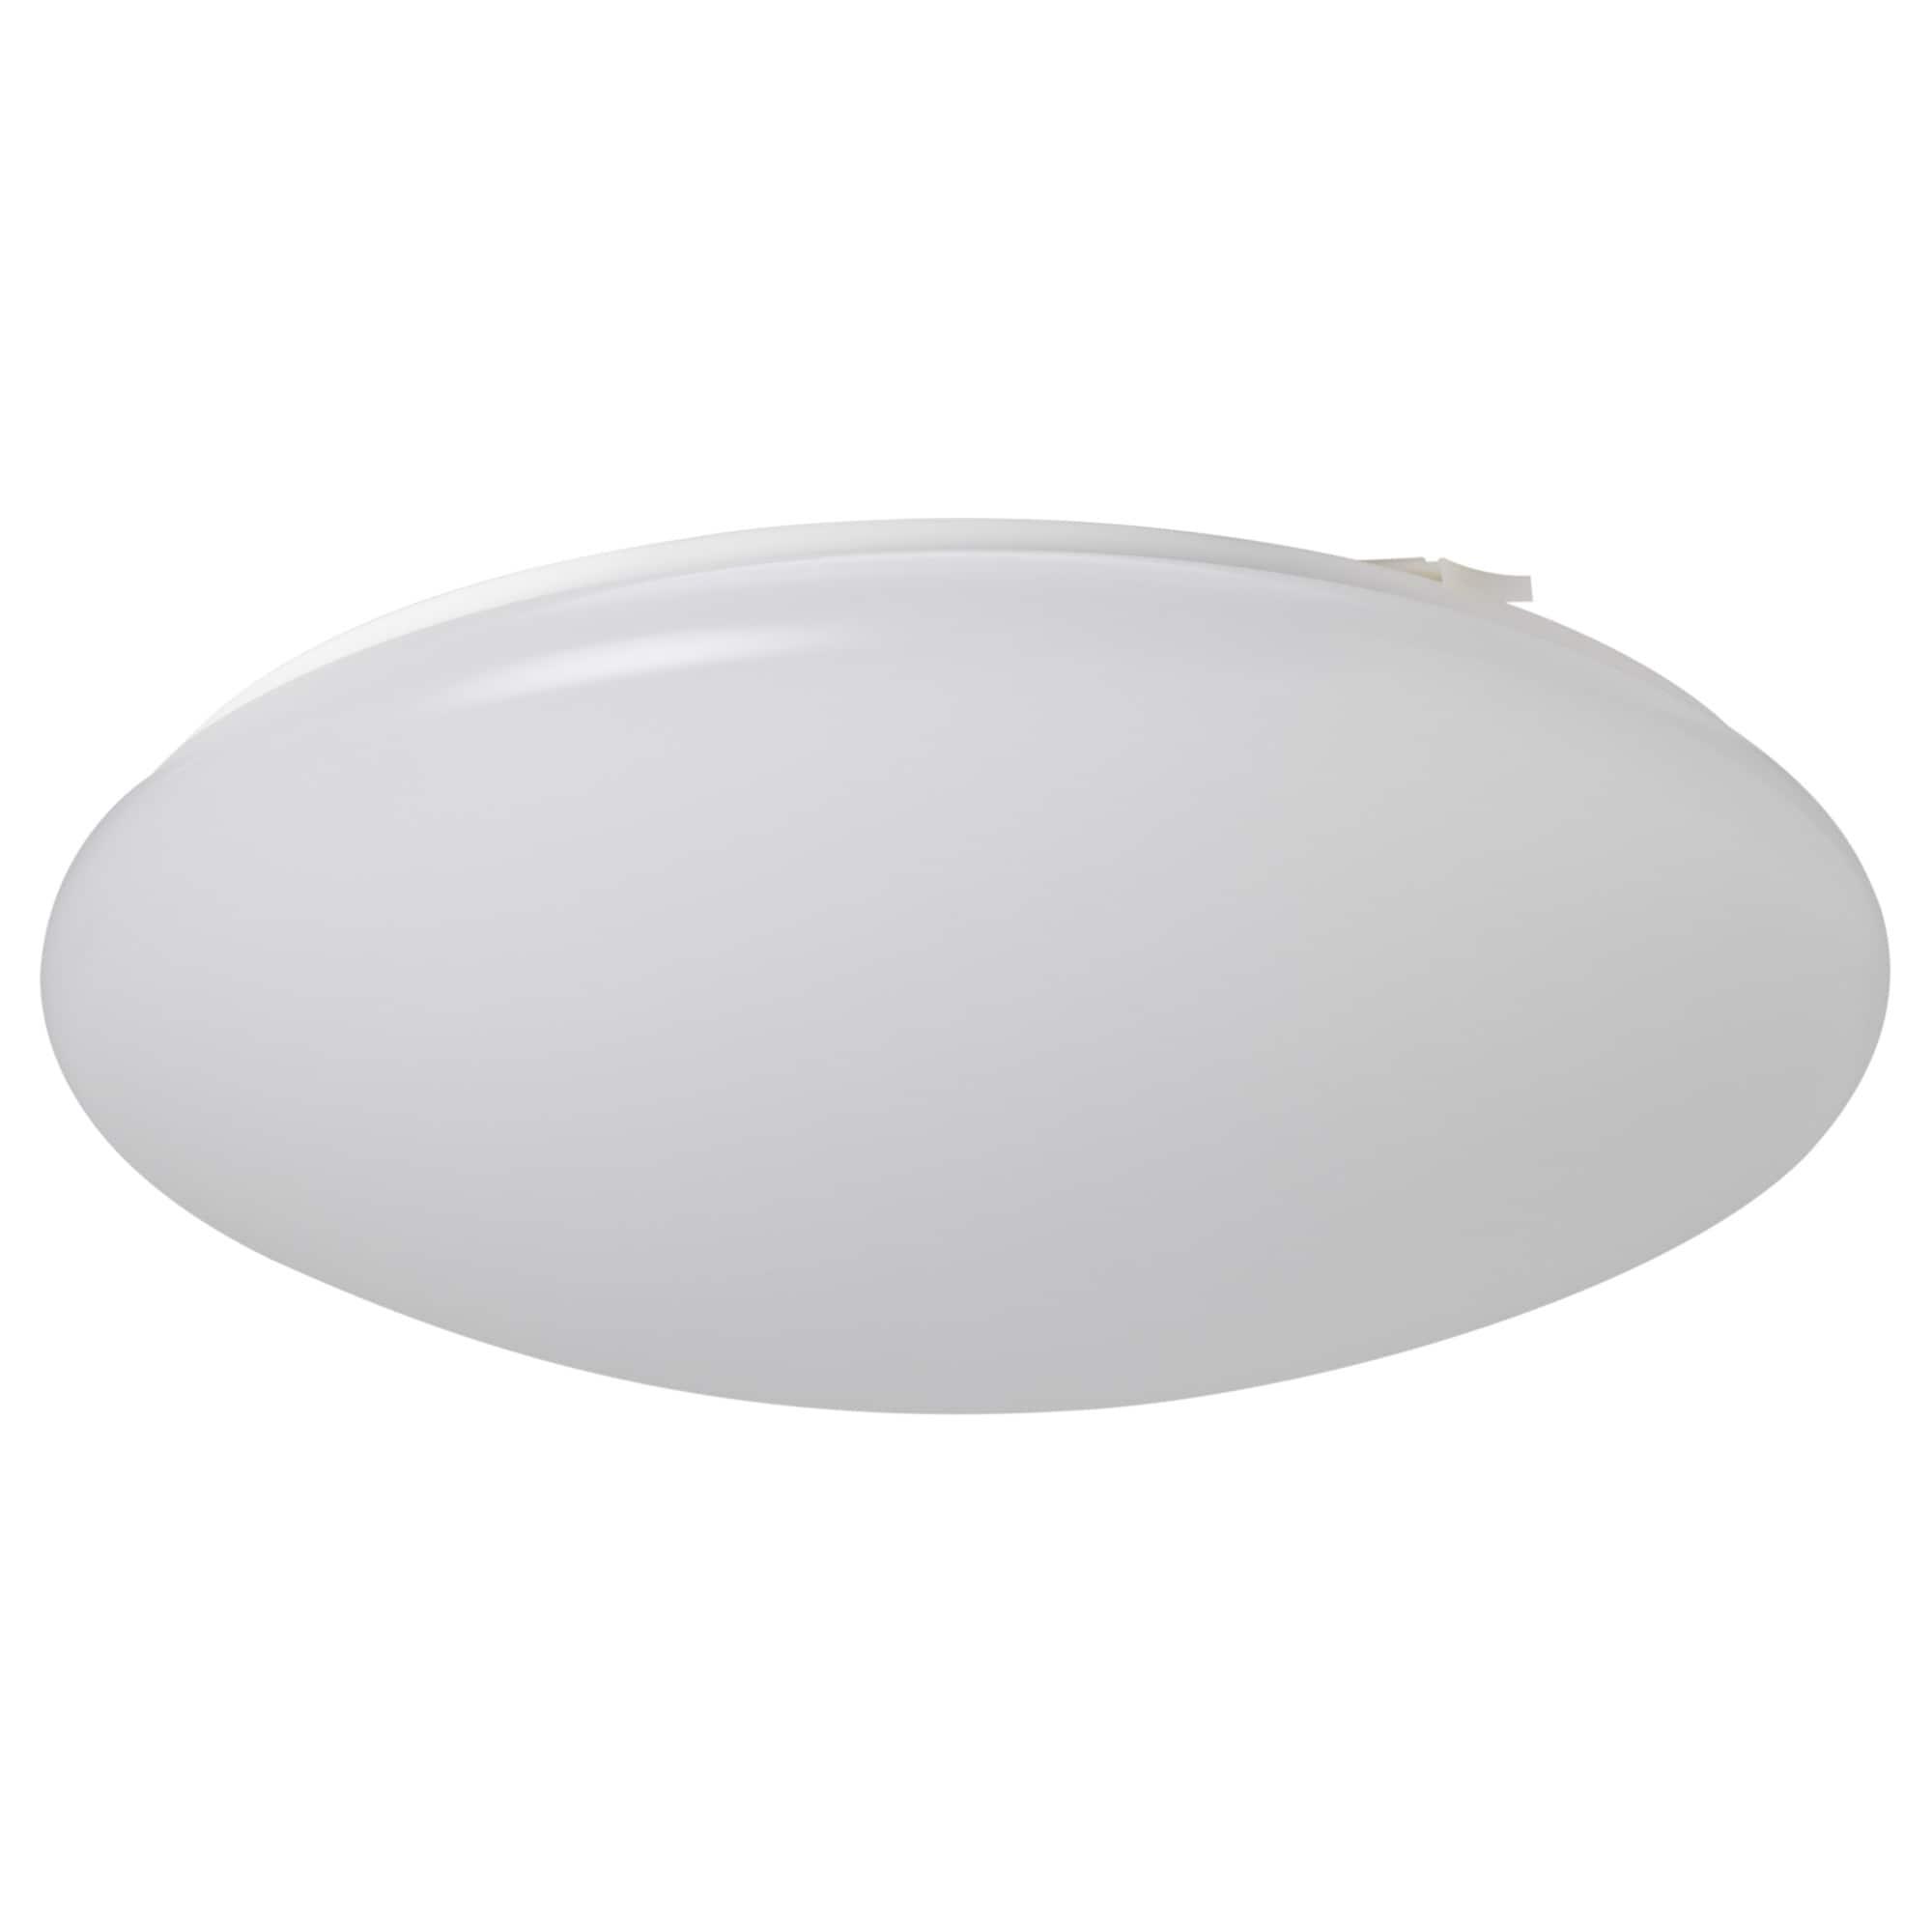 Full Size of Metacrylat Metall Deckenlampen Online Kaufen Mbel Suchmaschine Led Deckenleuchte Wohnzimmer Bad Badezimmer Ikea Miniküche Schlafzimmer Küche Kosten Wohnzimmer Ikea Deckenleuchte